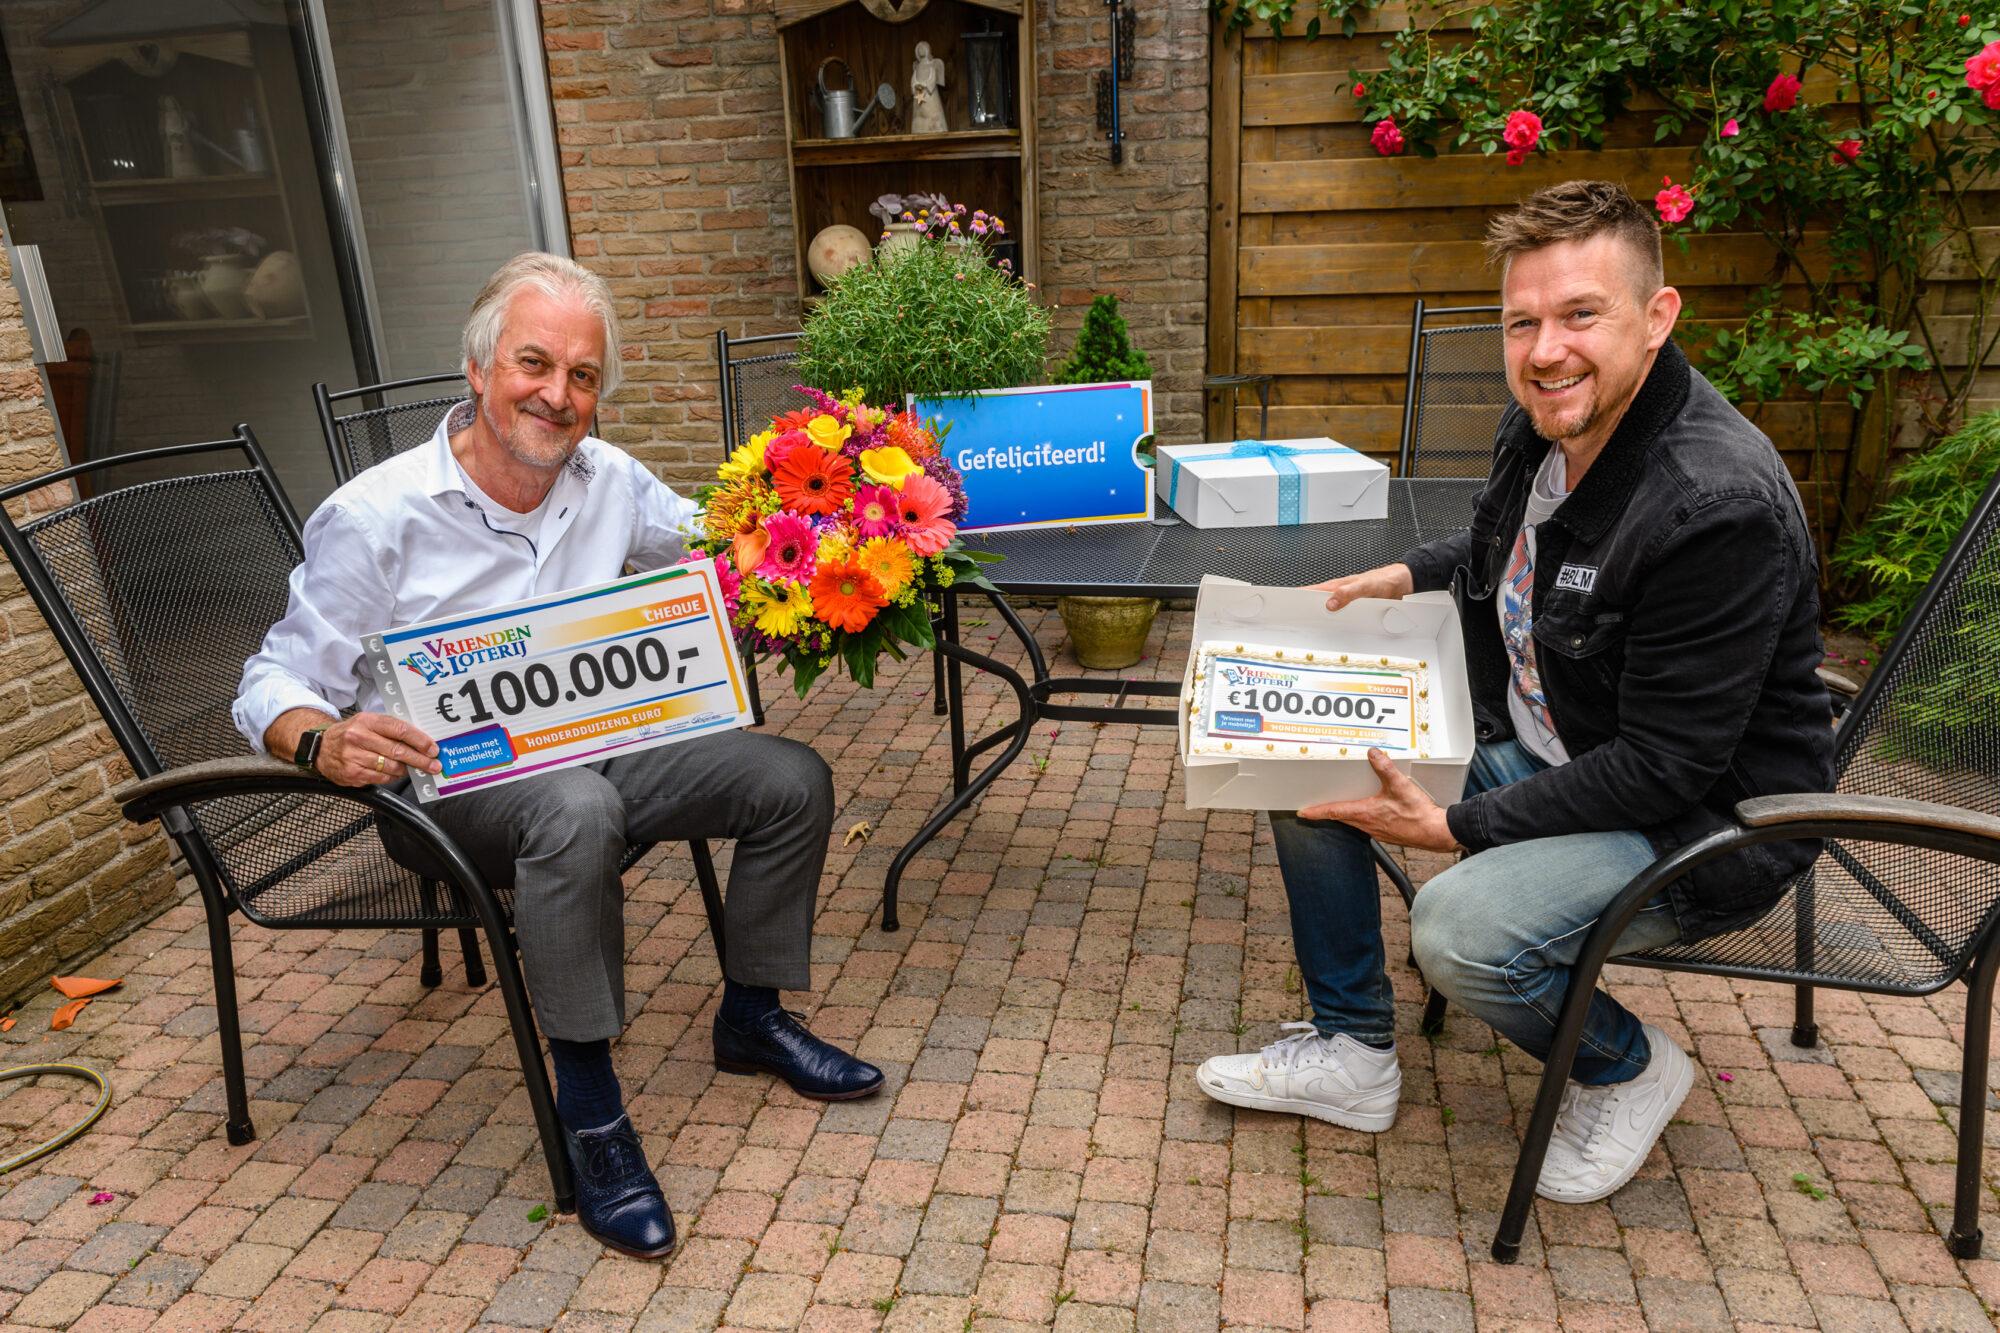 Inwoner Apeldoorn verrast met 100.000 euro